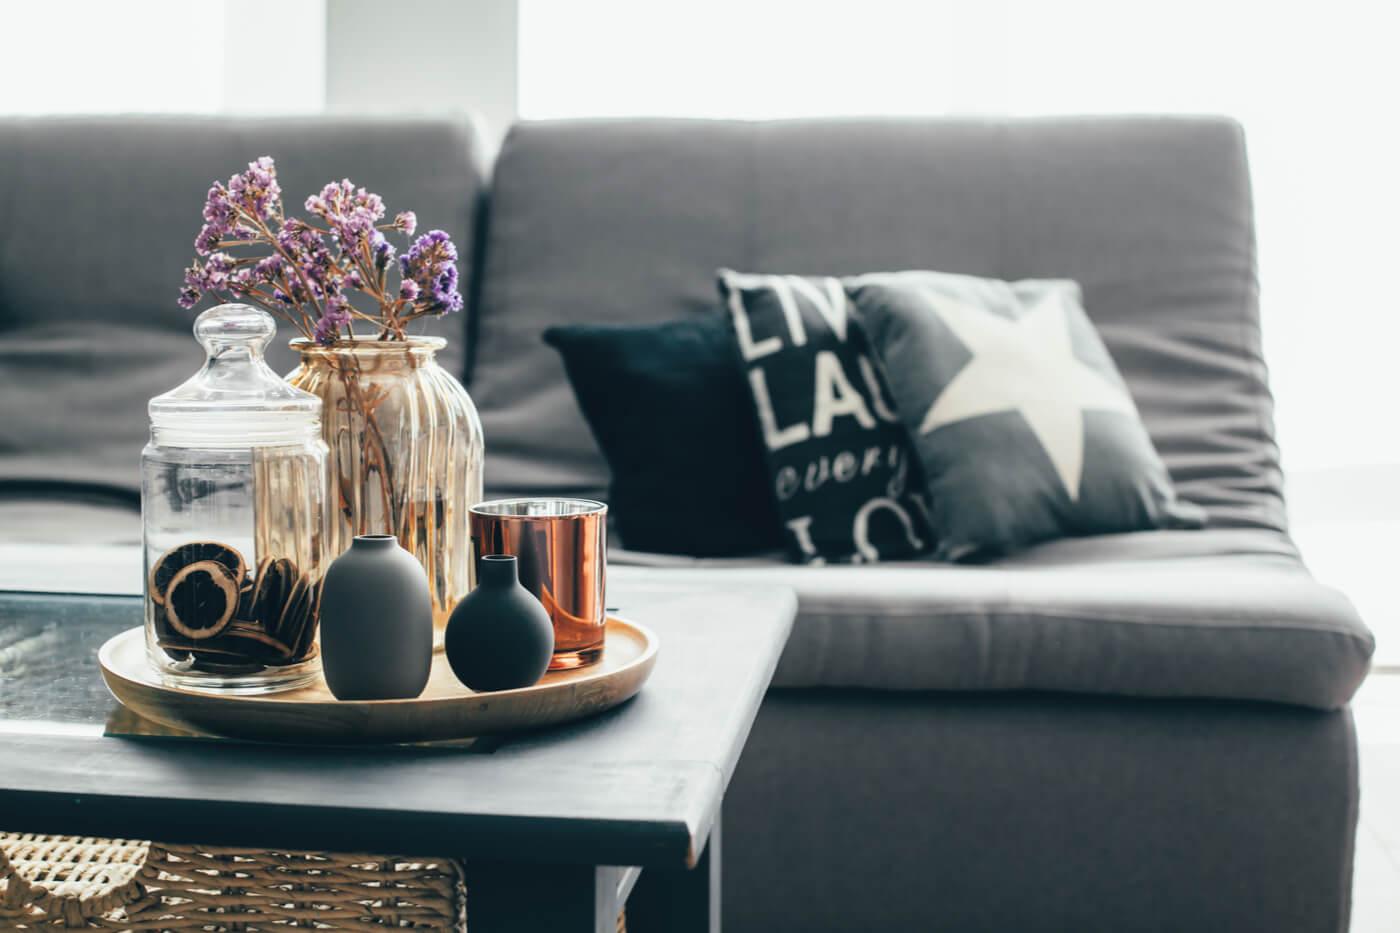 ¿Por qué invertir en productos de decoración de calidad?